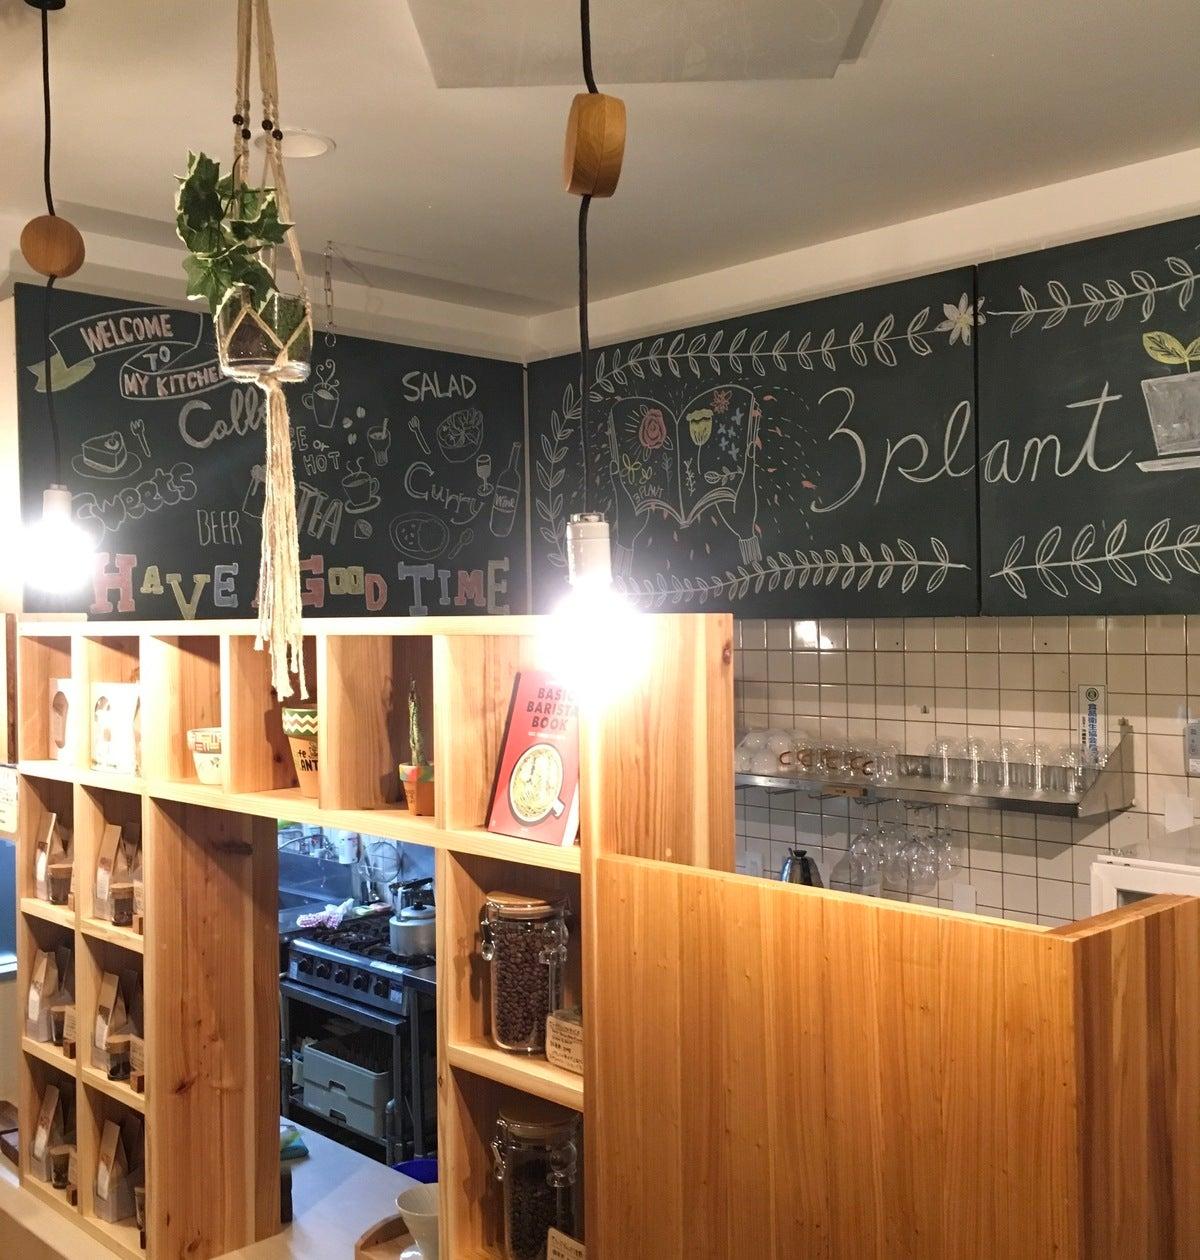 【カフェ貸切‼︎那覇市首里のおしゃれなカフェ】女子会やセミナー、ワークショップ等の利用にいかがでしょうか!?(那覇市首里 Cafe3-PLANT) の写真0